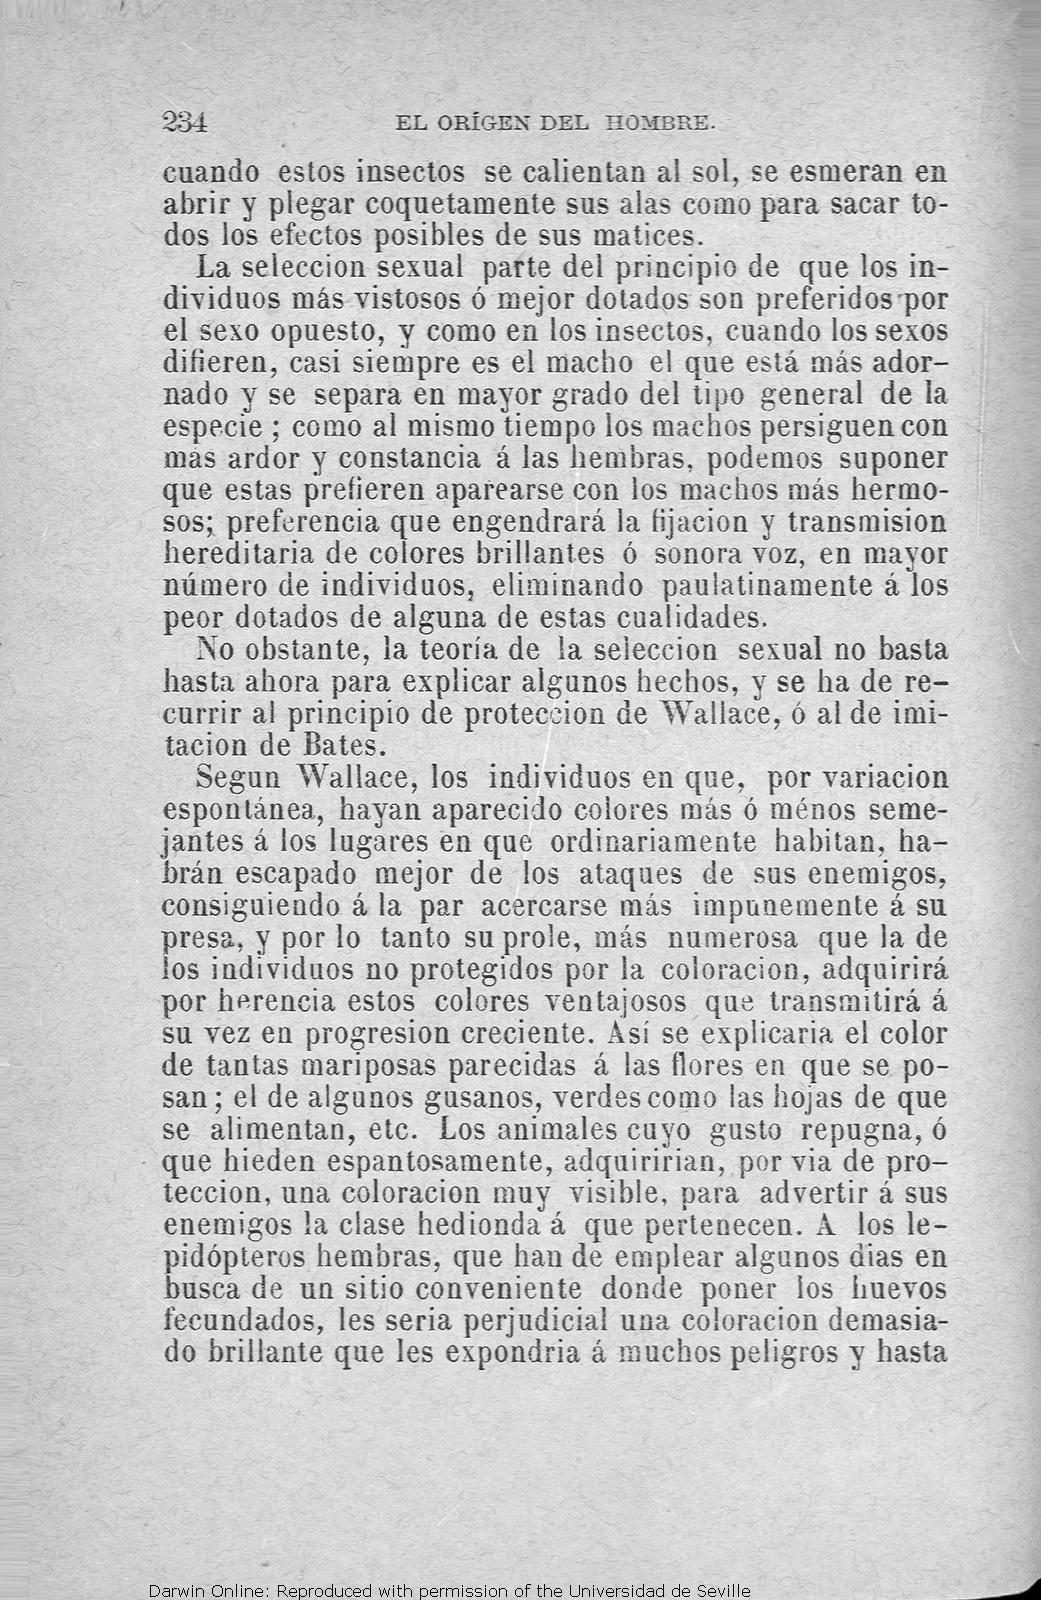 Darwin, C. R. 1880. El origen del hombre: la seleccion natural y la ...